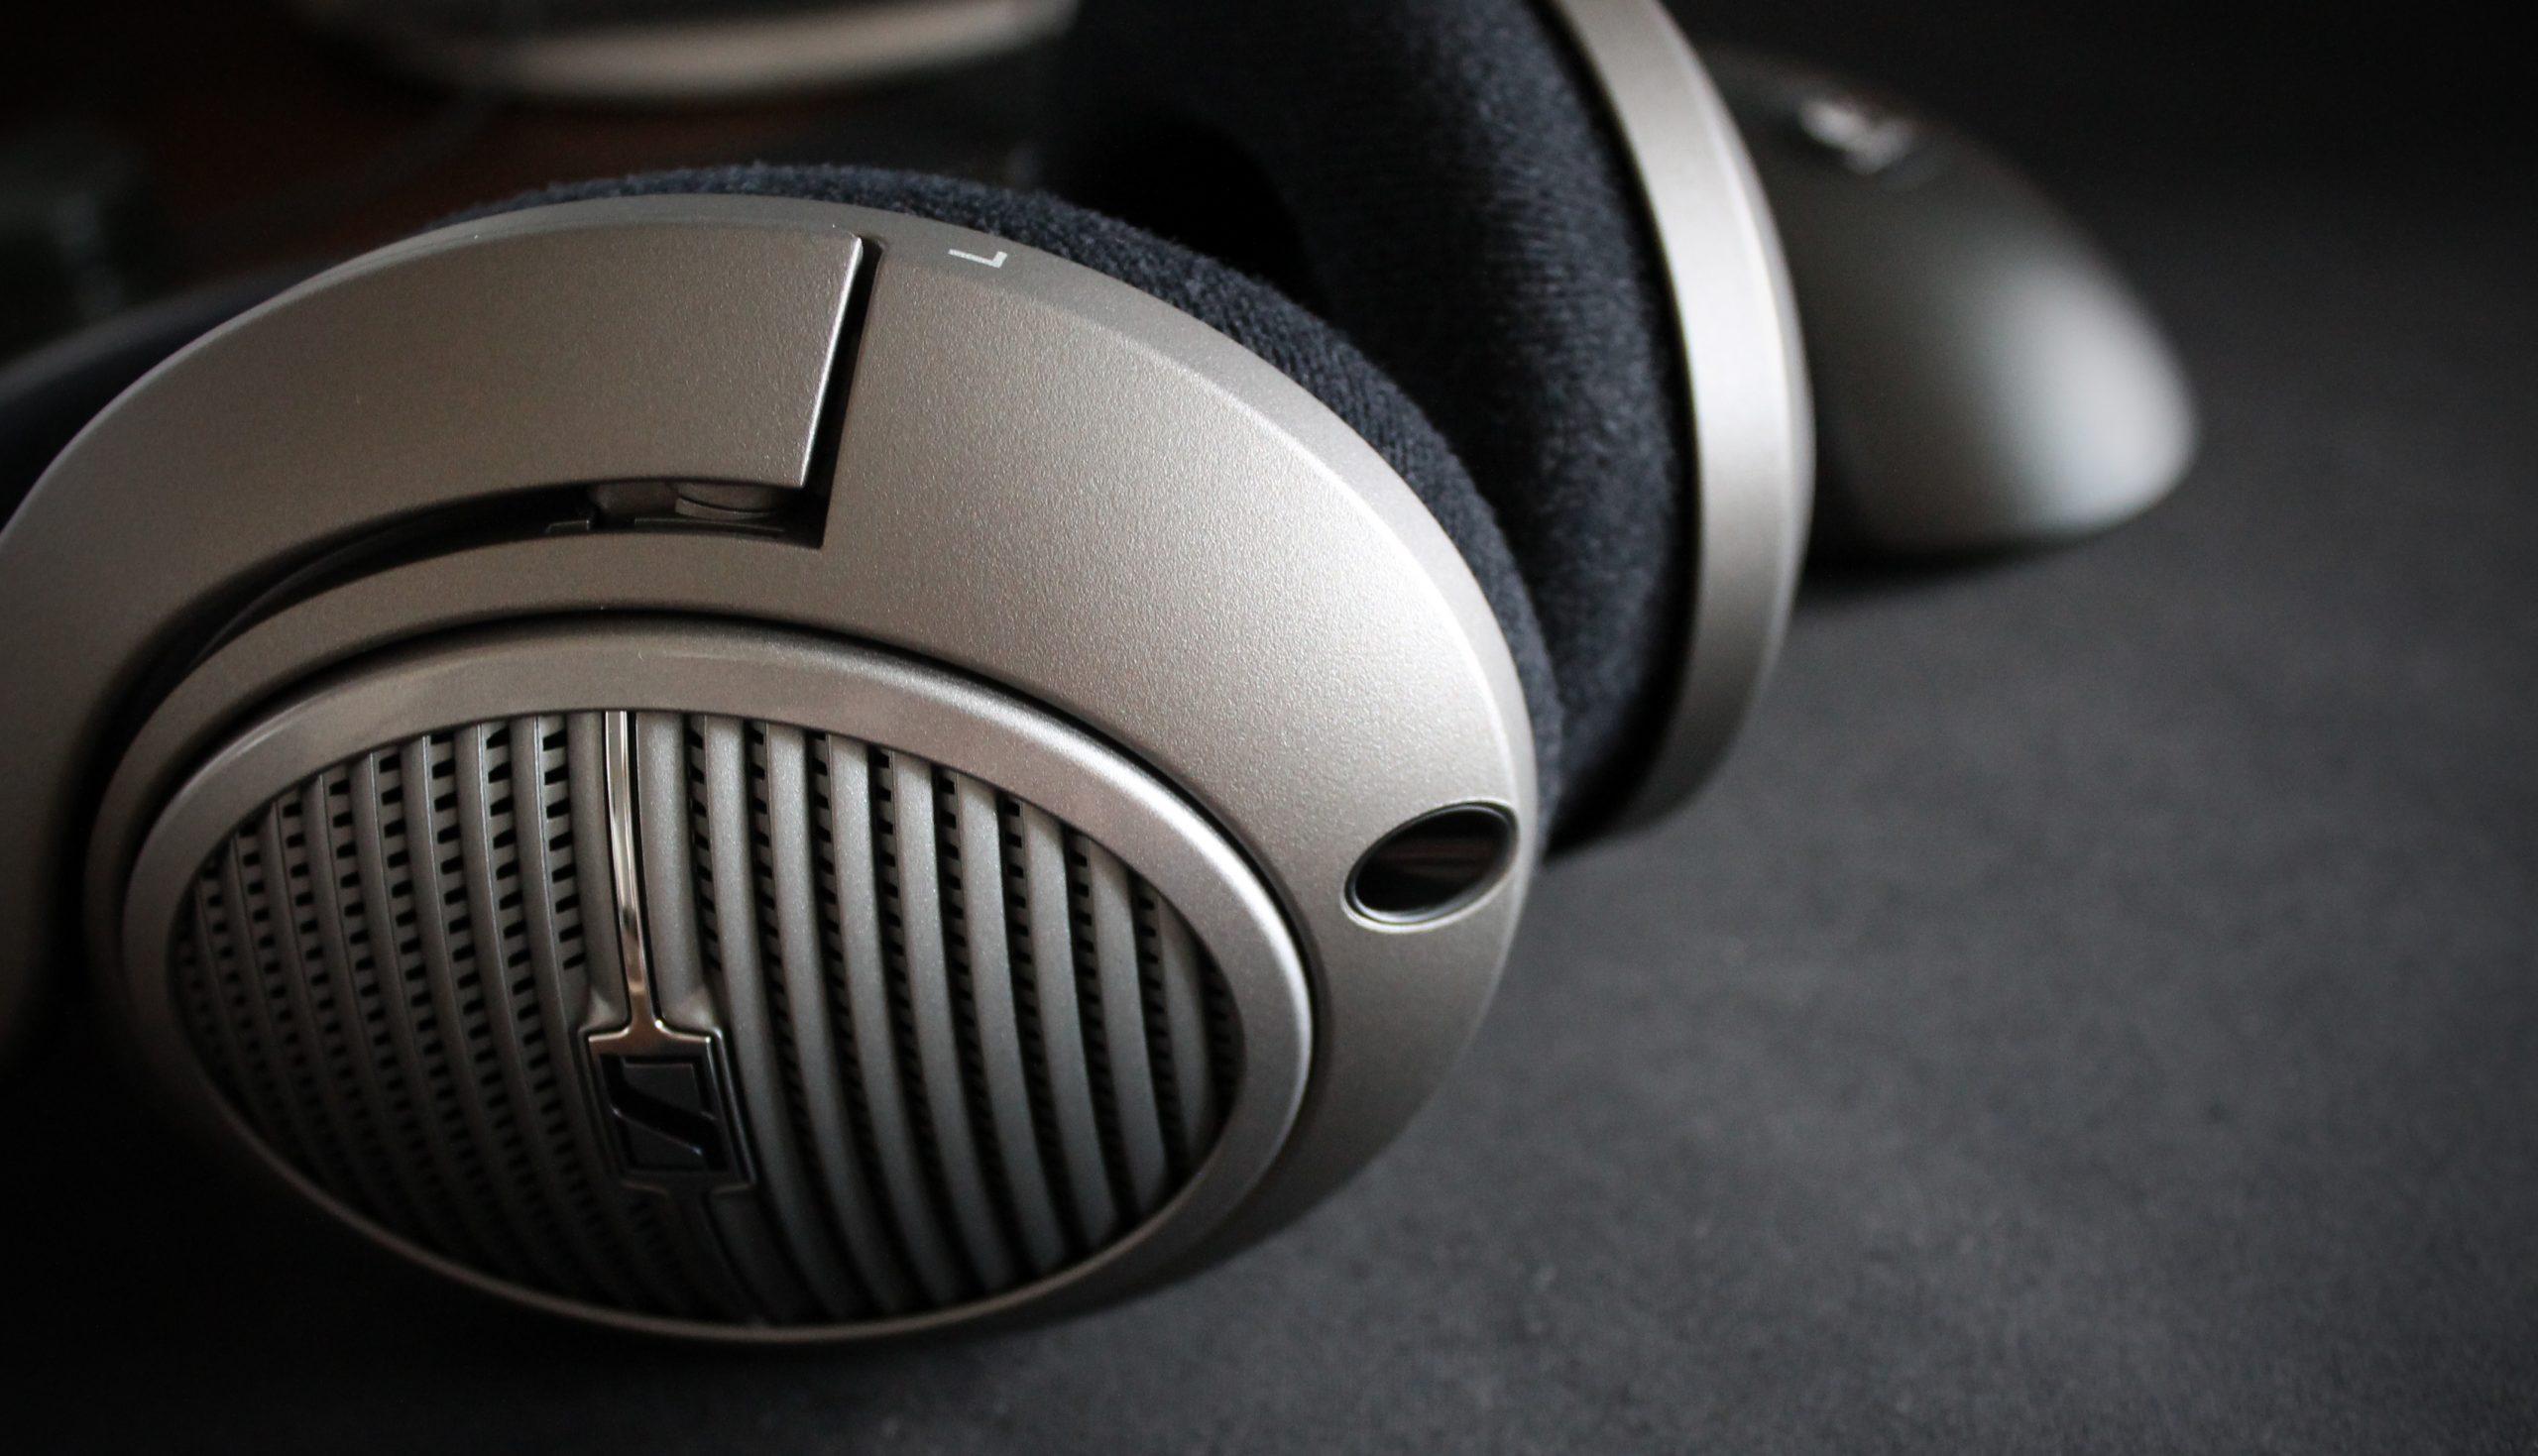 Auriculares Sennheiser: ¿Cuáles son los mejores del 2020?